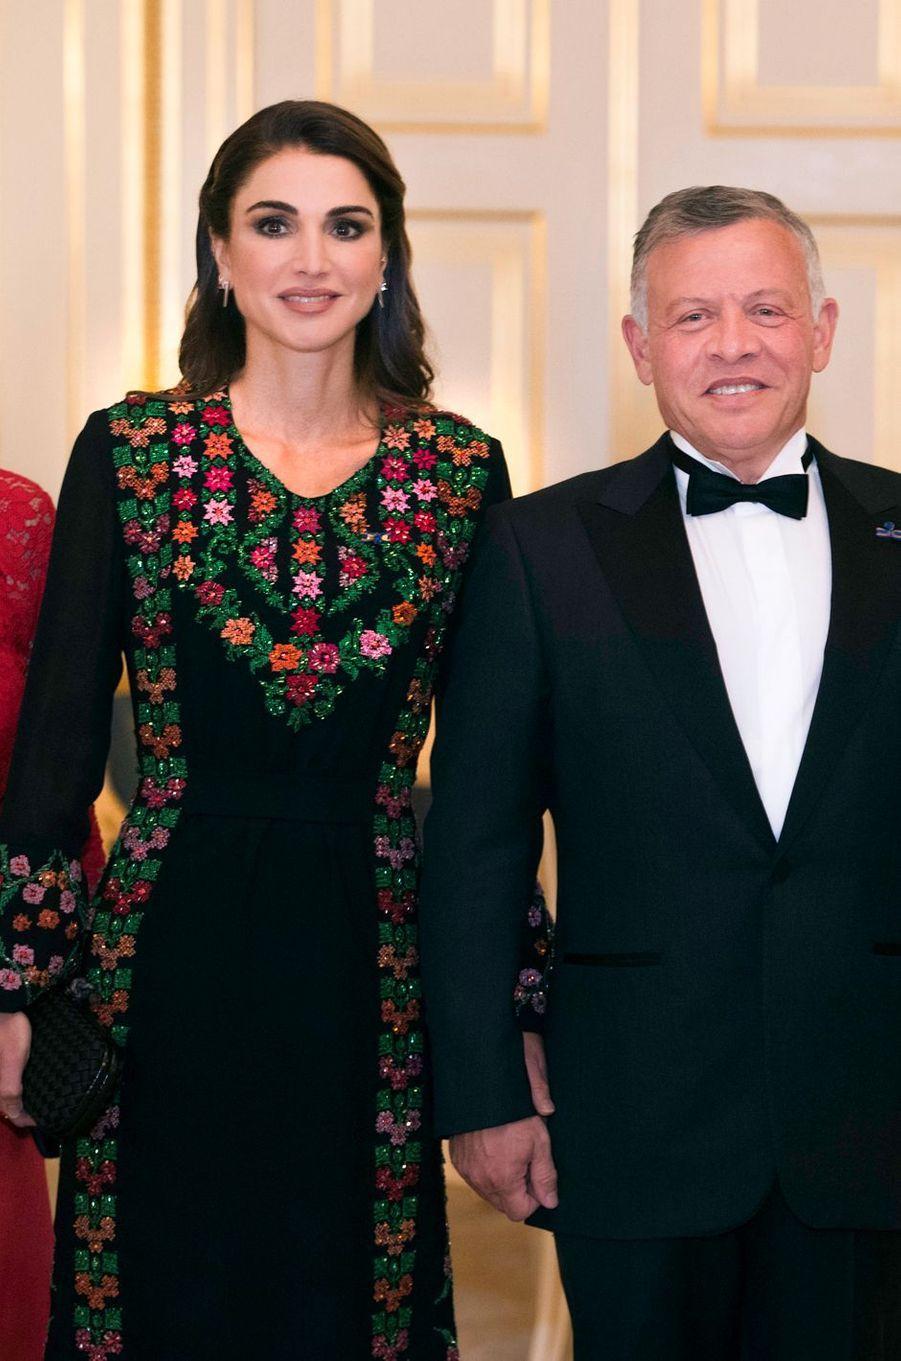 La reine Rania et le roi Abdallah II de Jordanie à La Haye, le 20 mars 2018